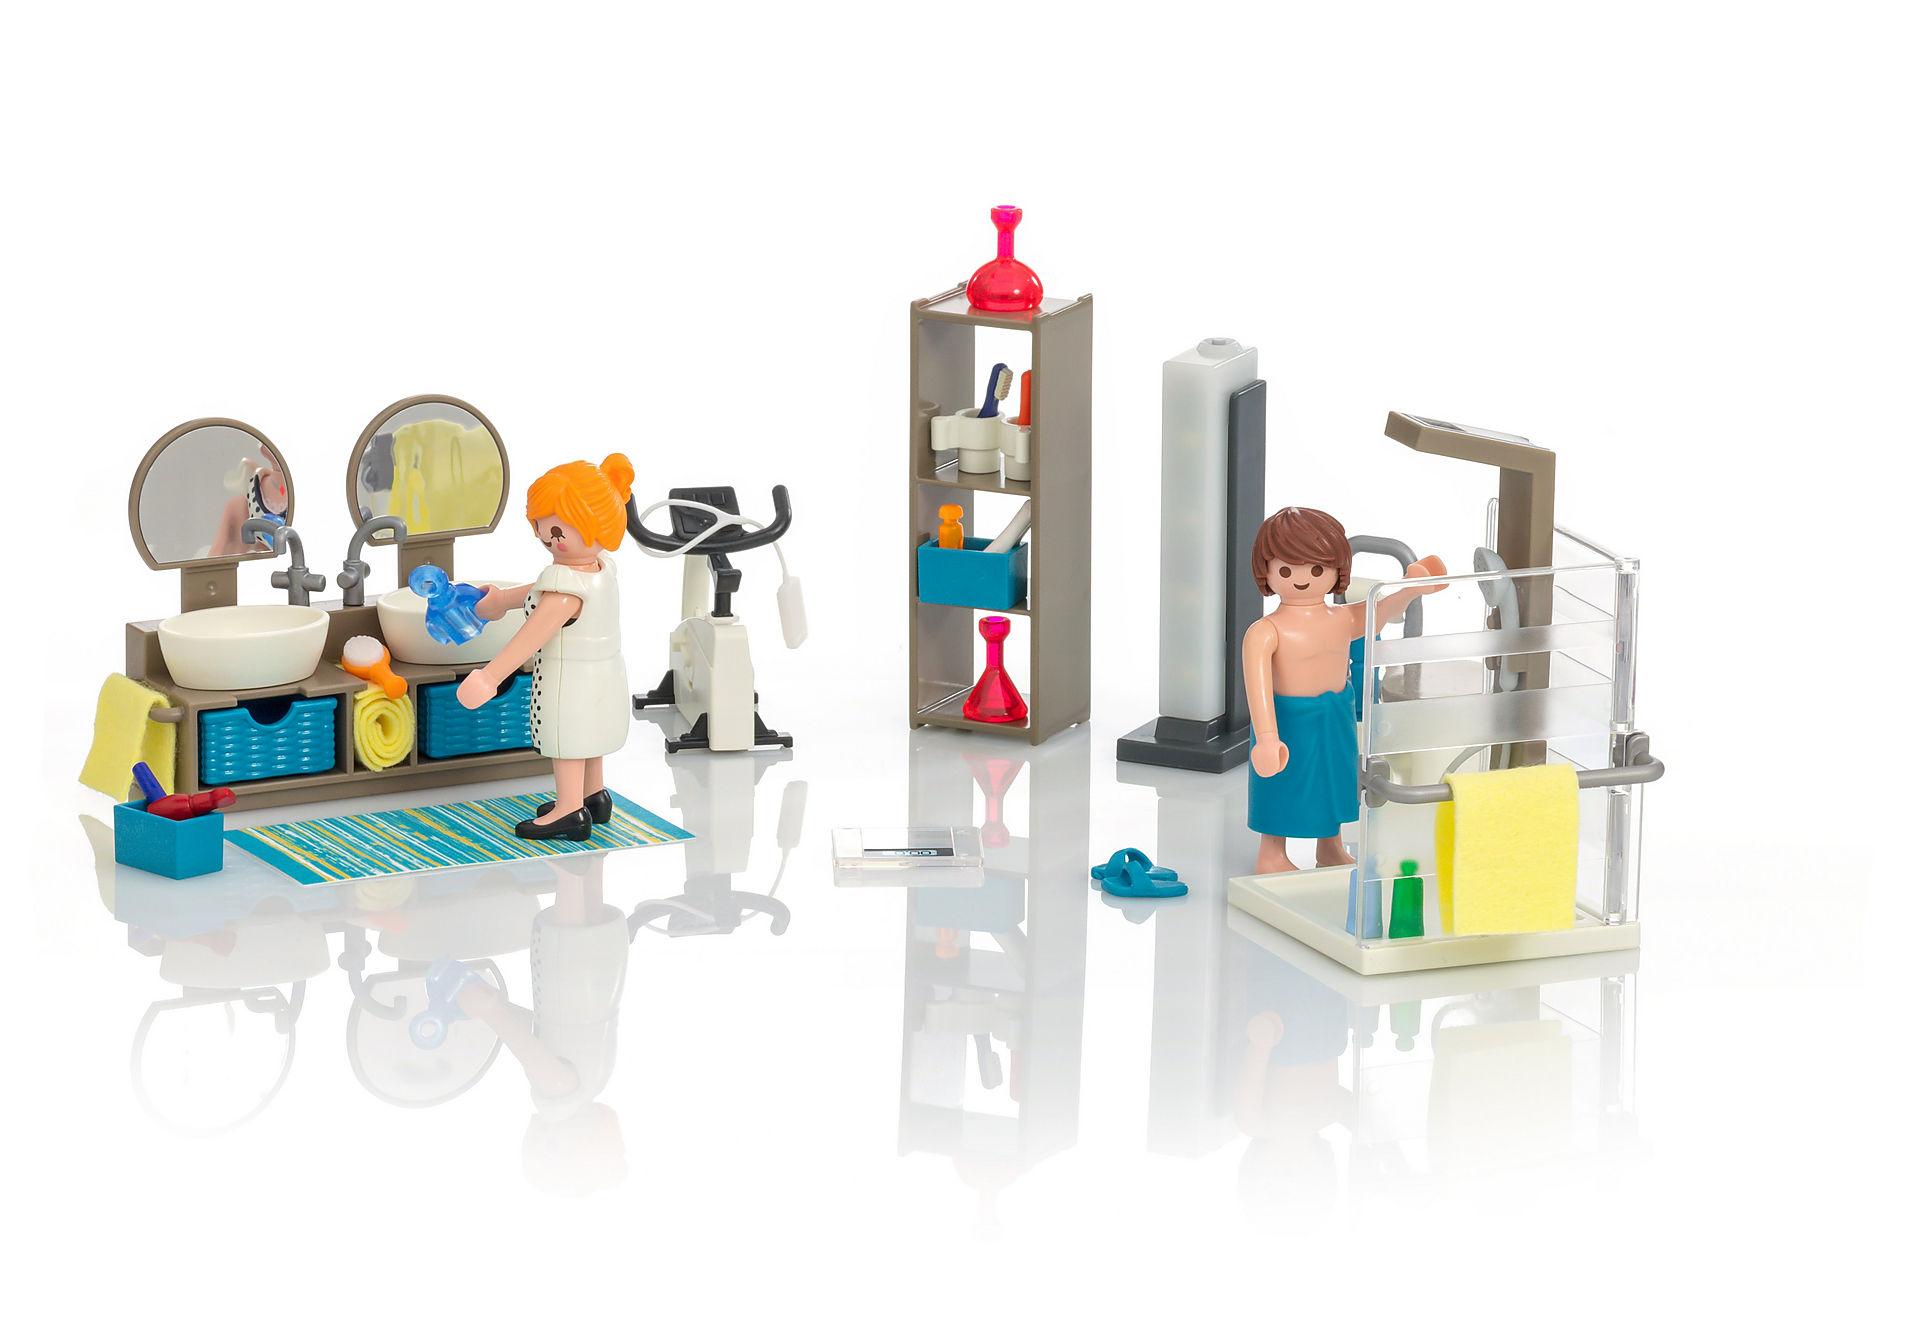 Maison moderne playmobil- la salle de bain est un endroit préféré.